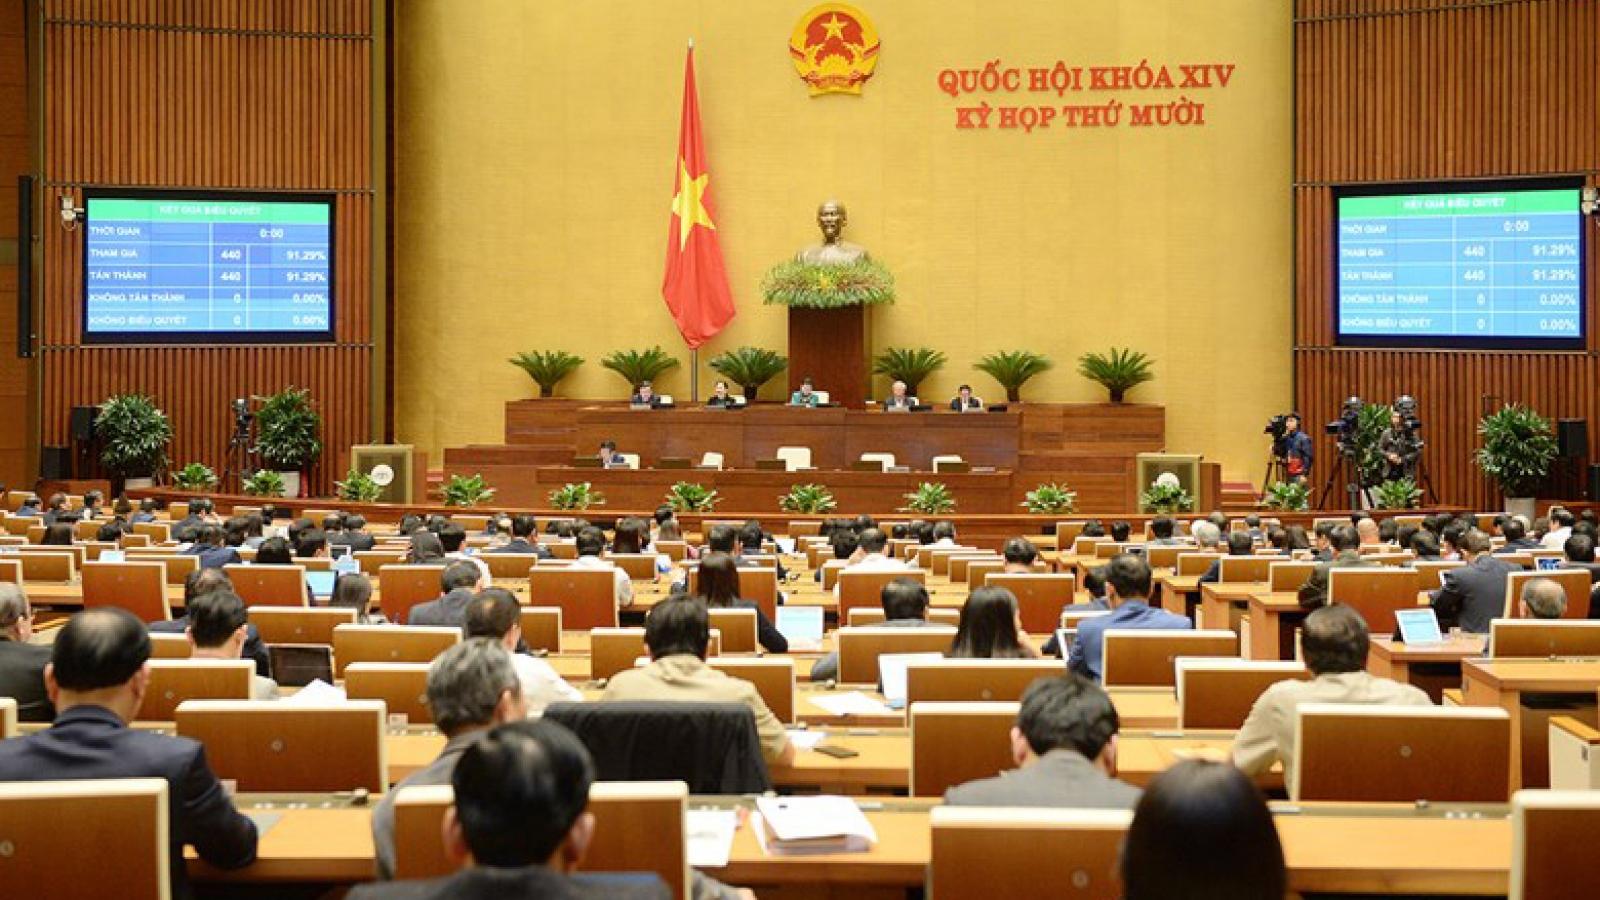 Quốc hội tán thành báo cáo của Chính phủ về nhiệm vụ kinh tế - xã hội 2021